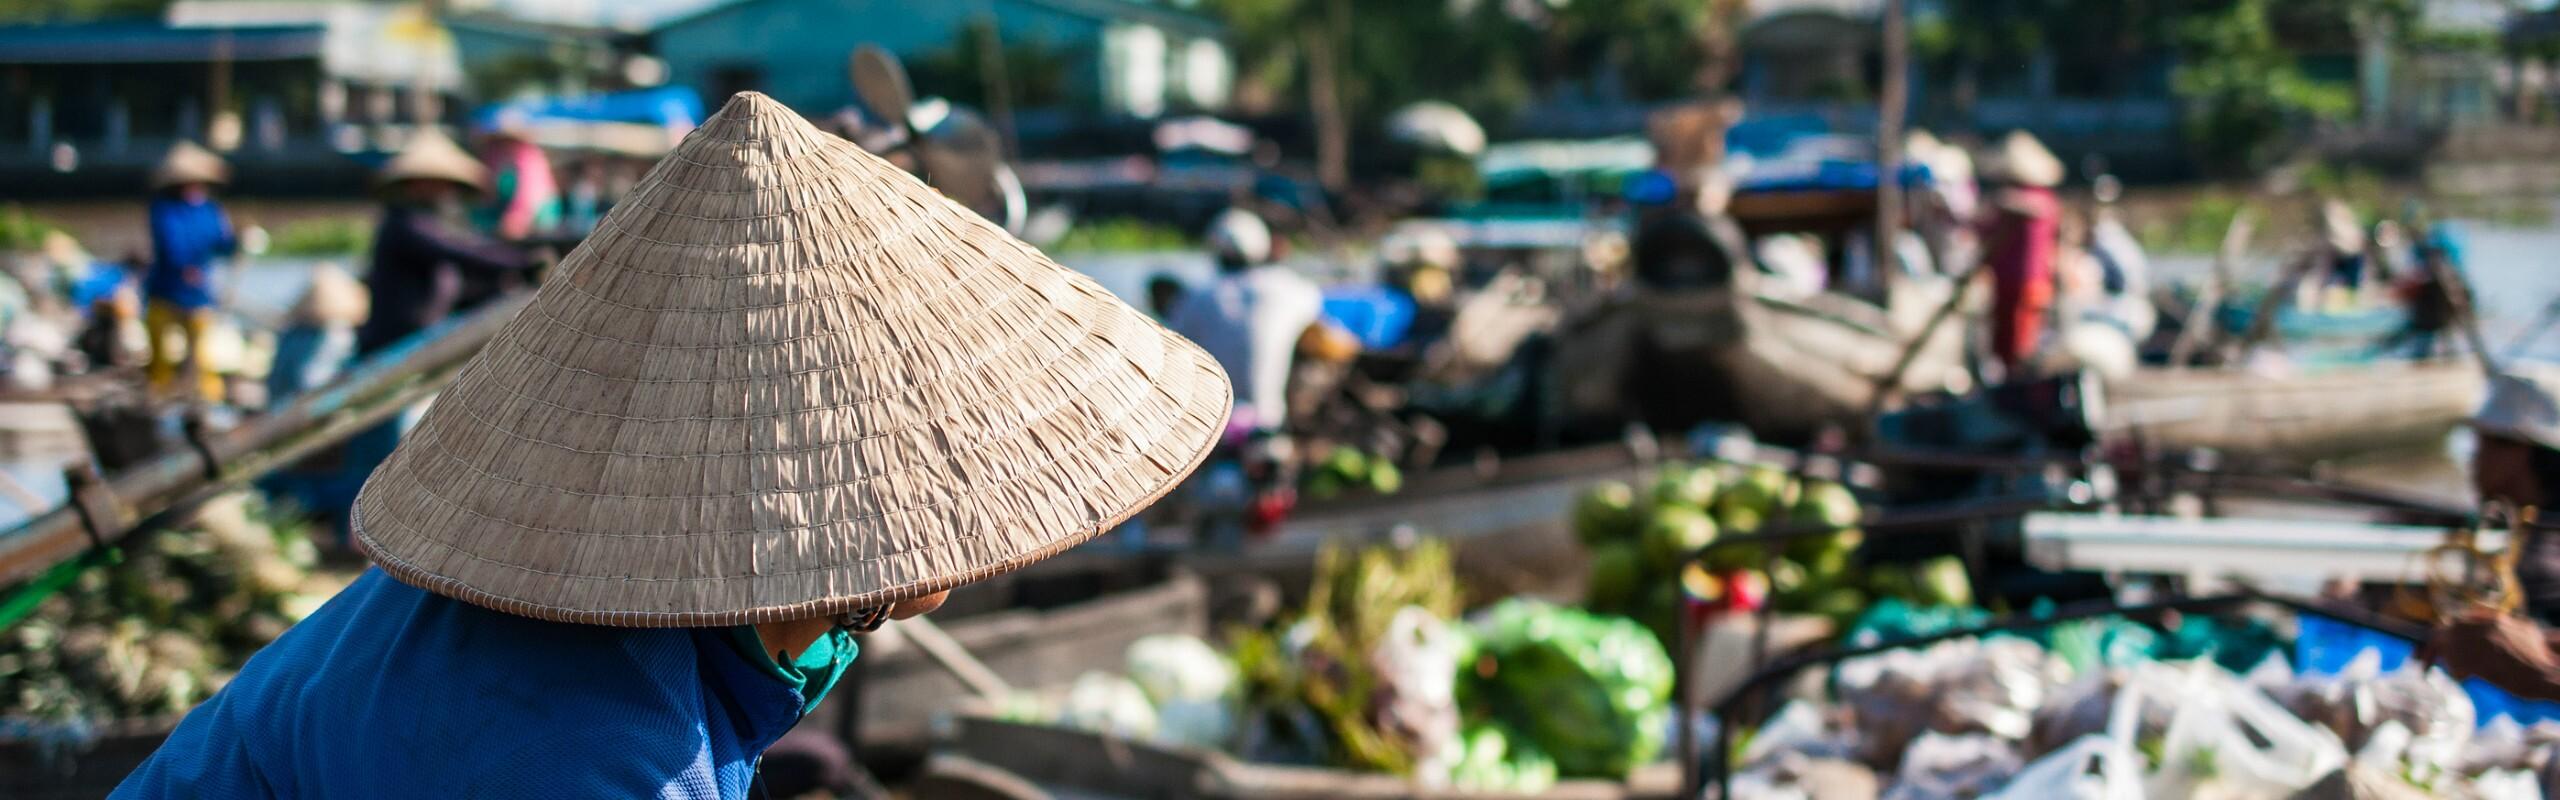 Mekong Delta Floating Market Guide